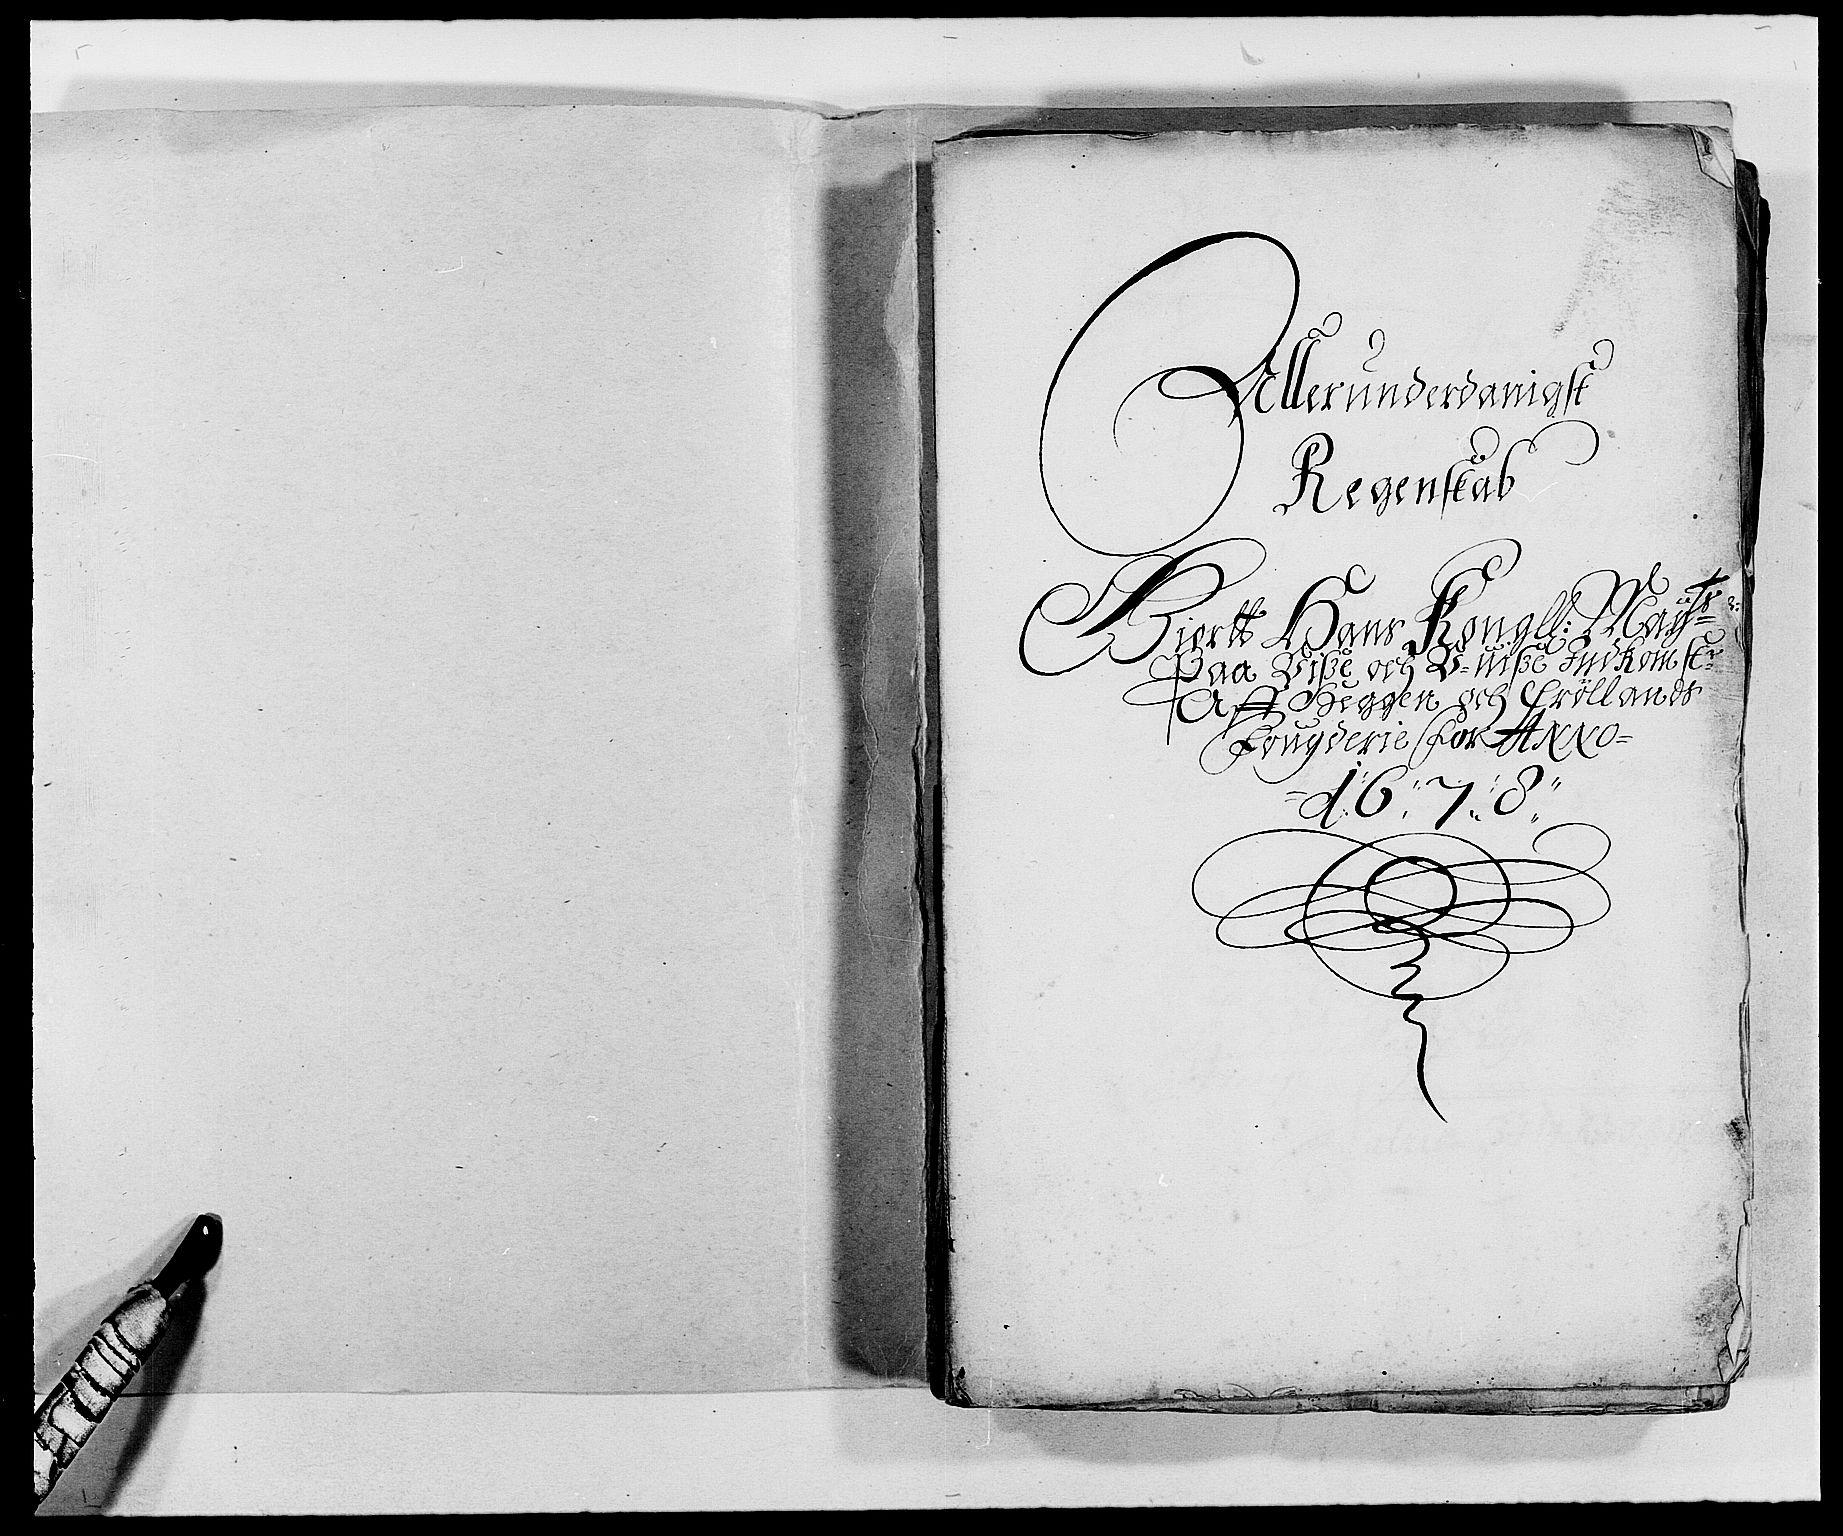 RA, Rentekammeret inntil 1814, Reviderte regnskaper, Fogderegnskap, R06/L0279: Fogderegnskap Heggen og Frøland, 1678-1680, s. 2